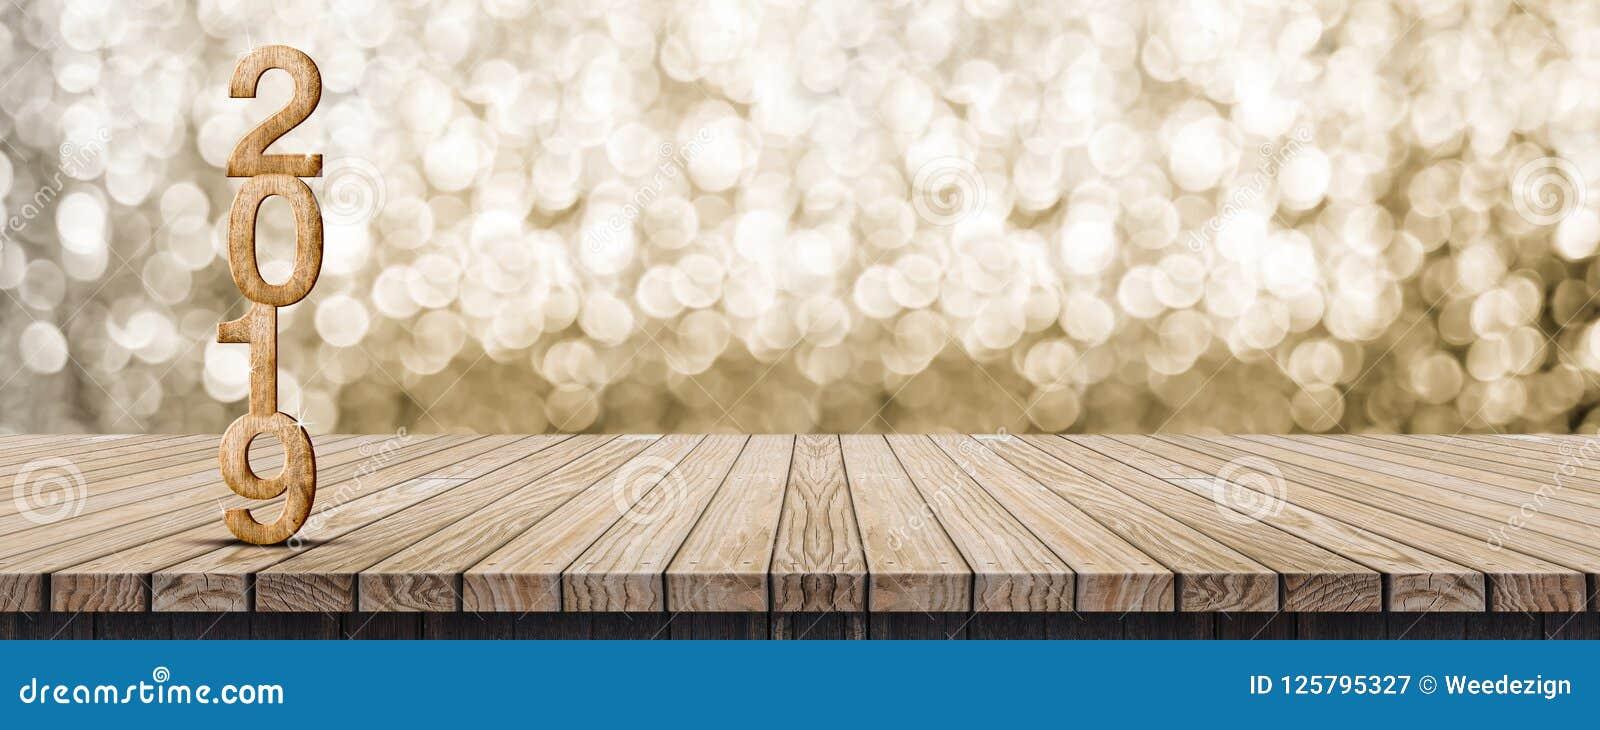 2019 rendição de madeira do número 3d do ano novo feliz na sagacidade de madeira da tabela